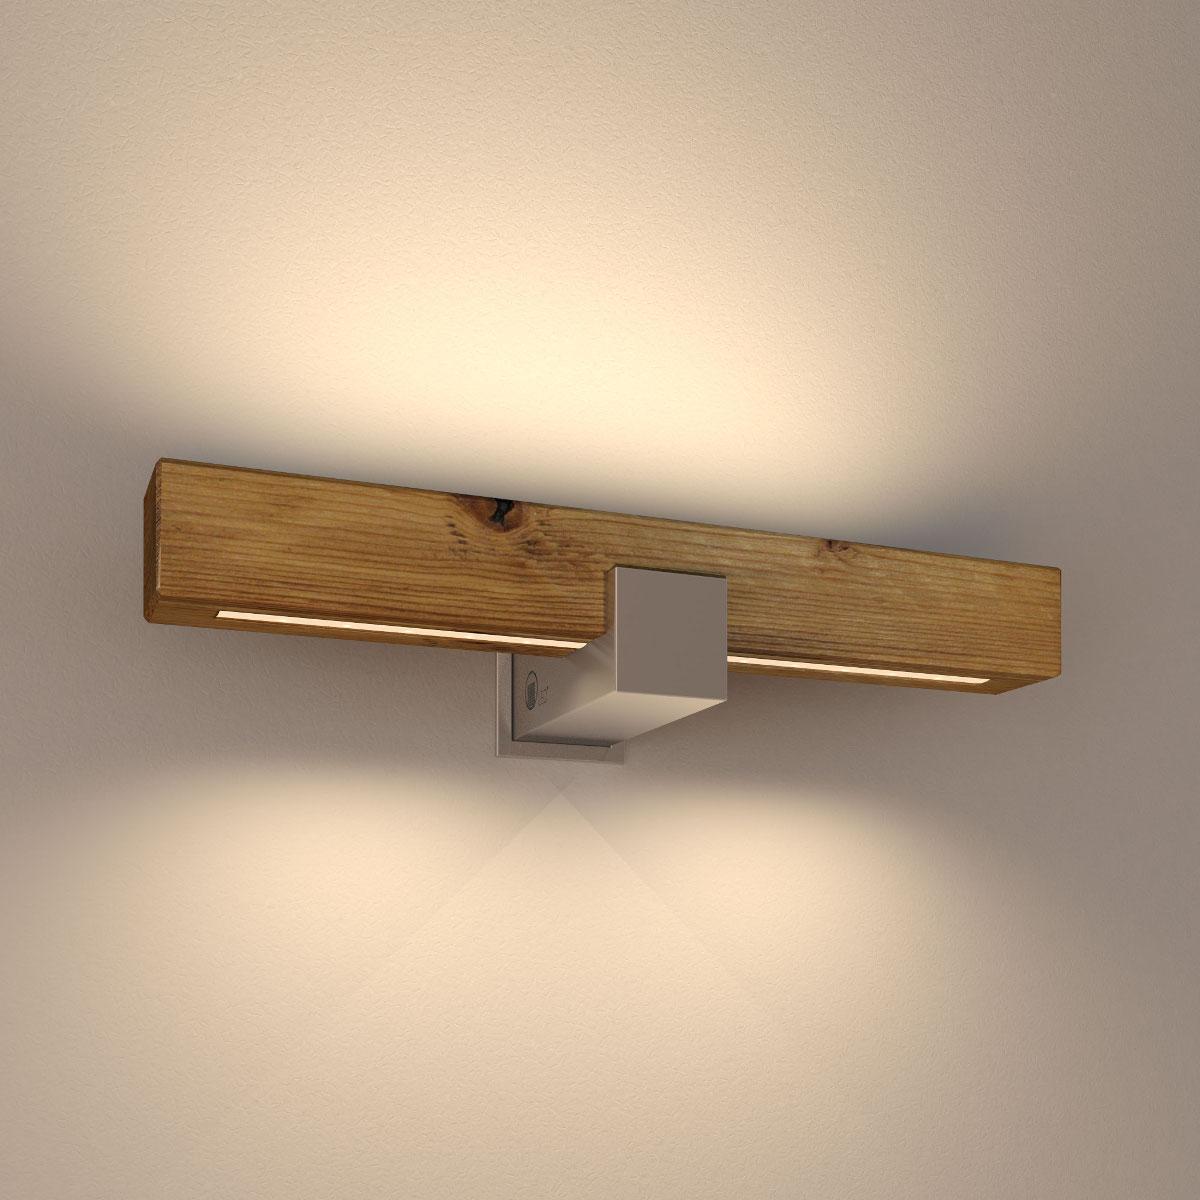 Up down led wandleuchte aus massivholz 40 cm casa lumi - Wandleuchte aus holz ...